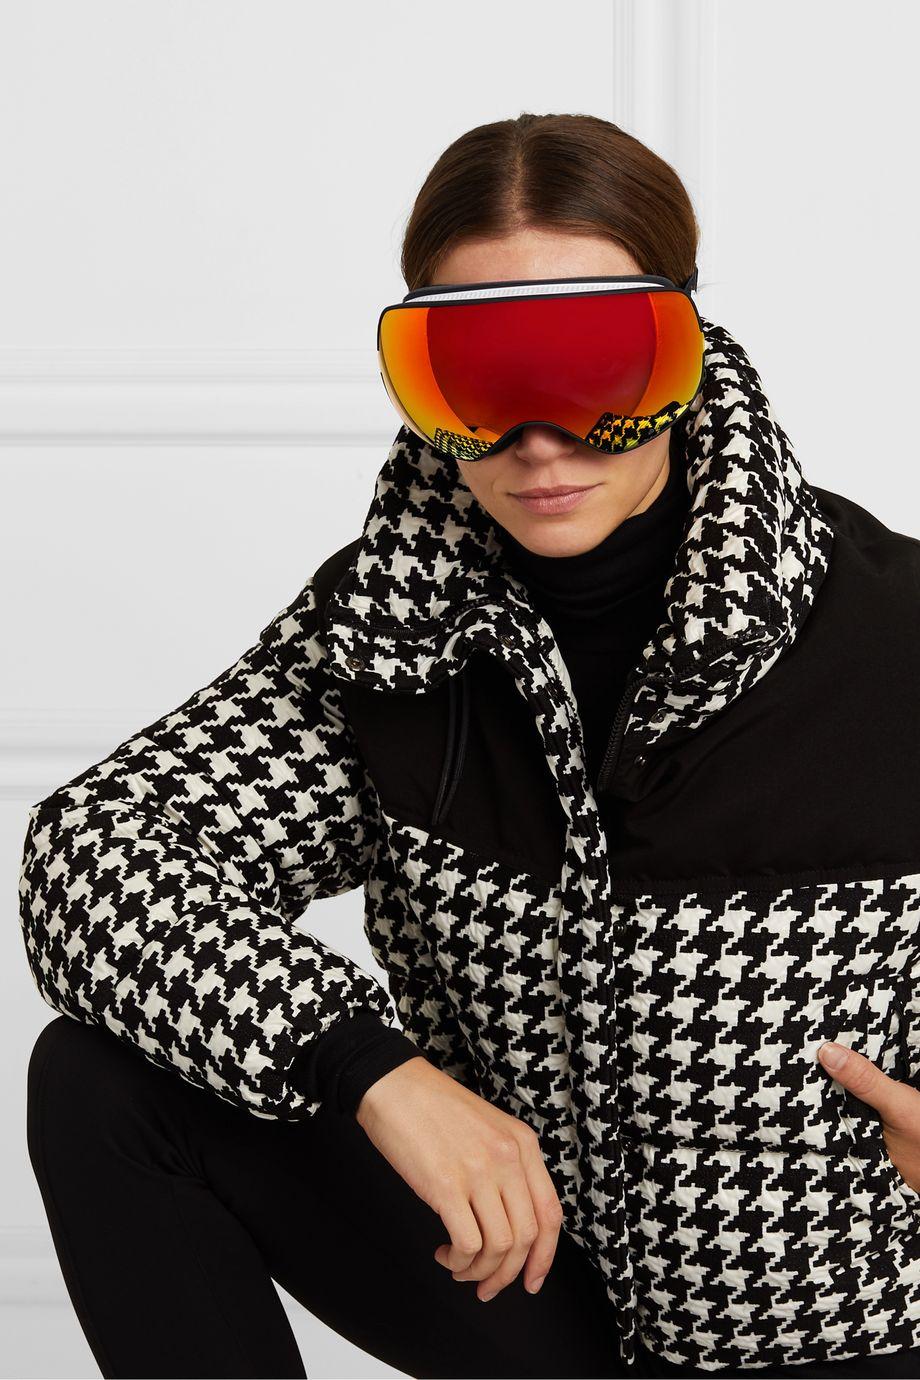 Dragon X2S mirrored ski goggles